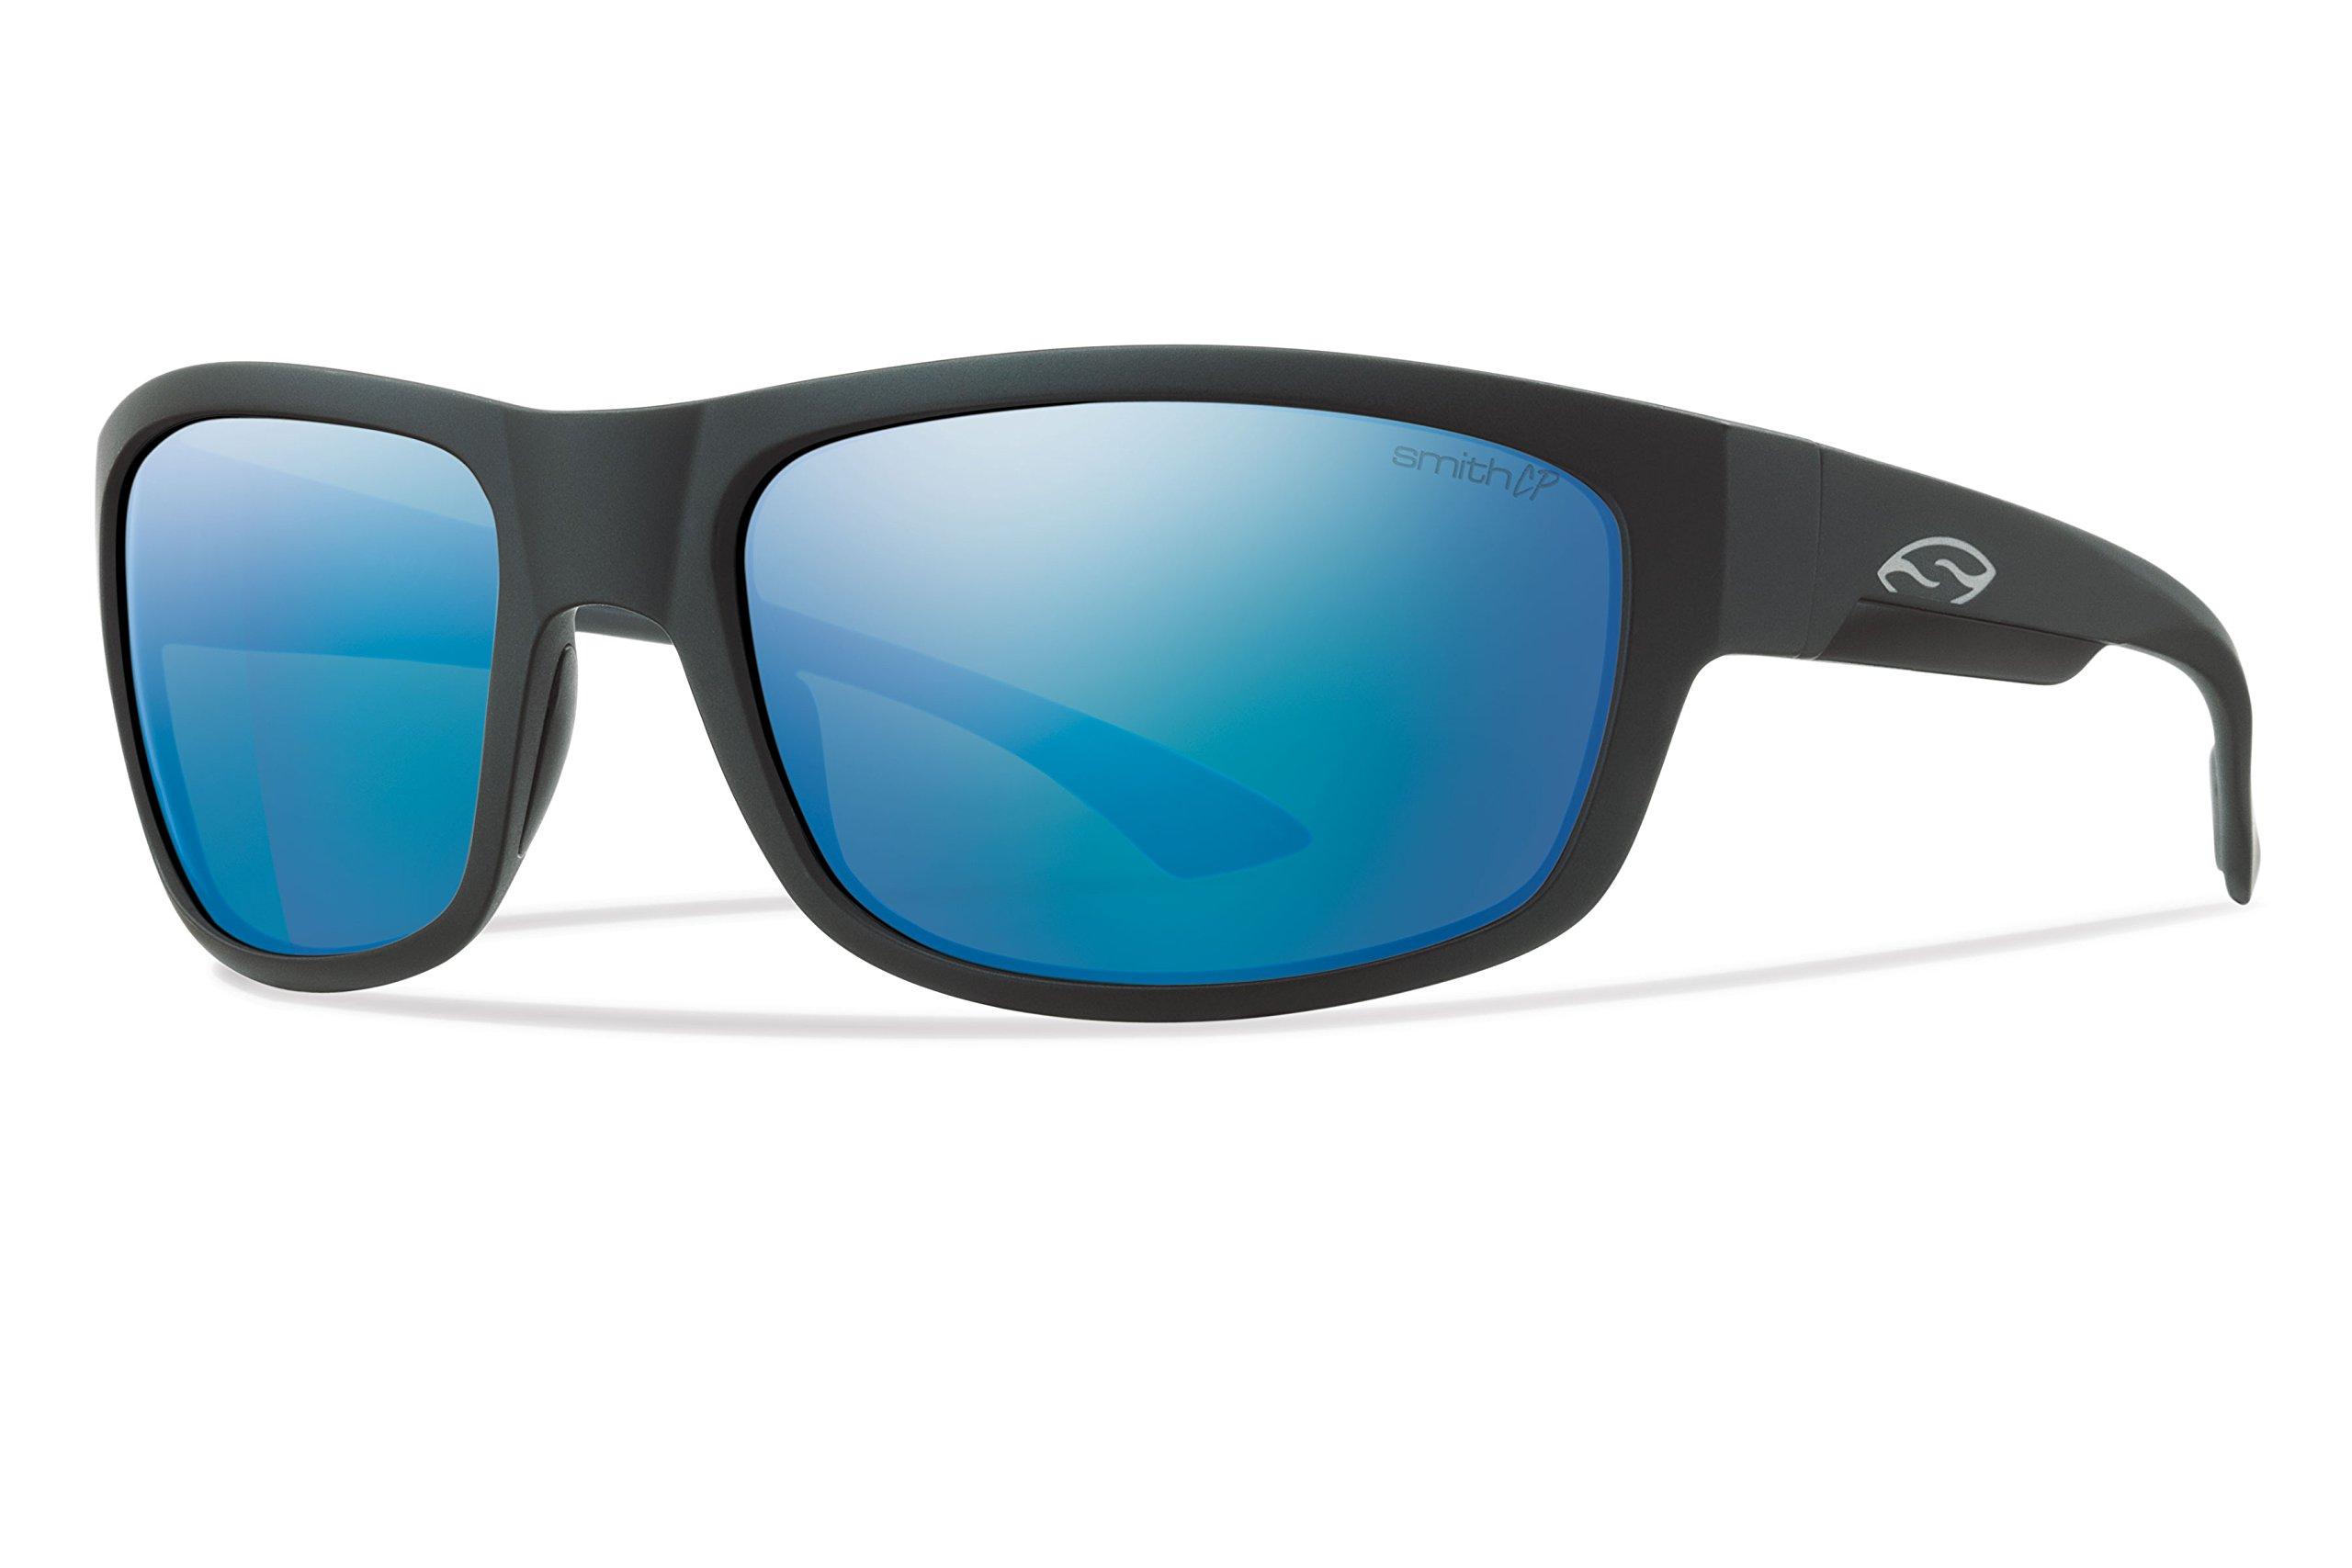 Smith Optics Dover Lifestyle Polarized Sunglasses, Matte Black/Chromapop Blue Mirror